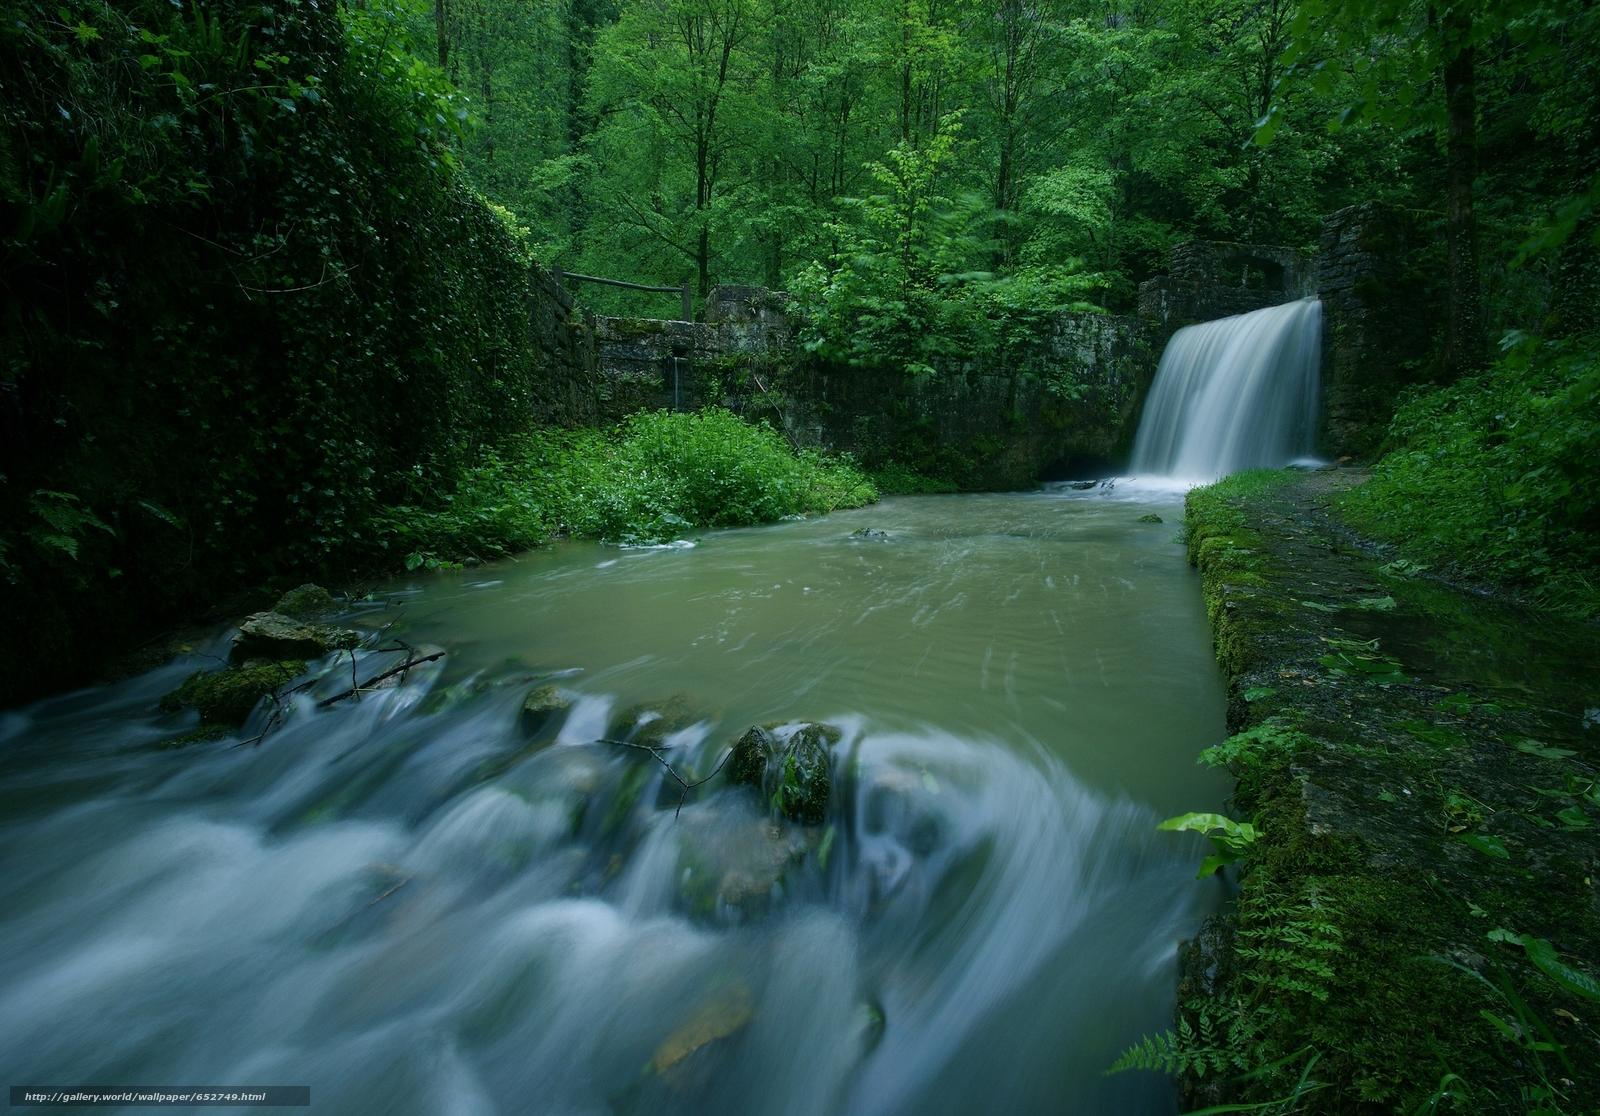 Скачать обои лес,  деревья,  река,  водопад бесплатно для рабочего стола в разрешении 2048x1428 — картинка №652749